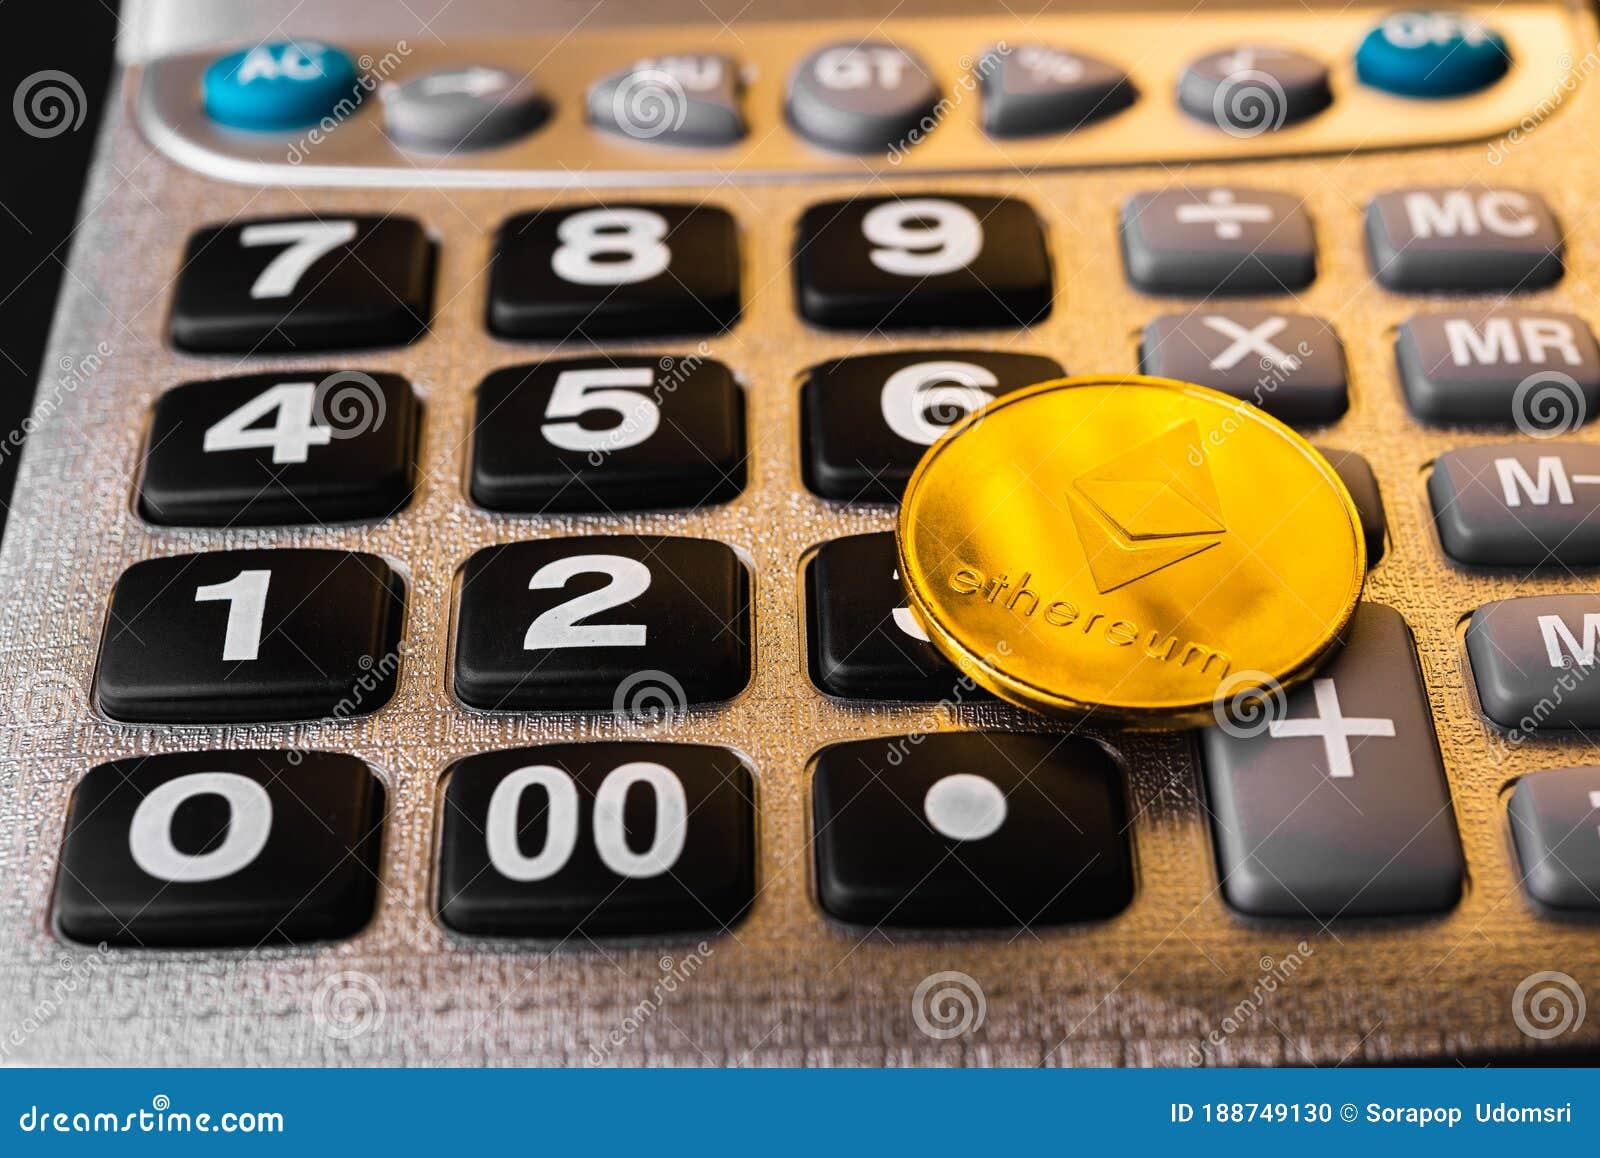 ethereum exchange calculator